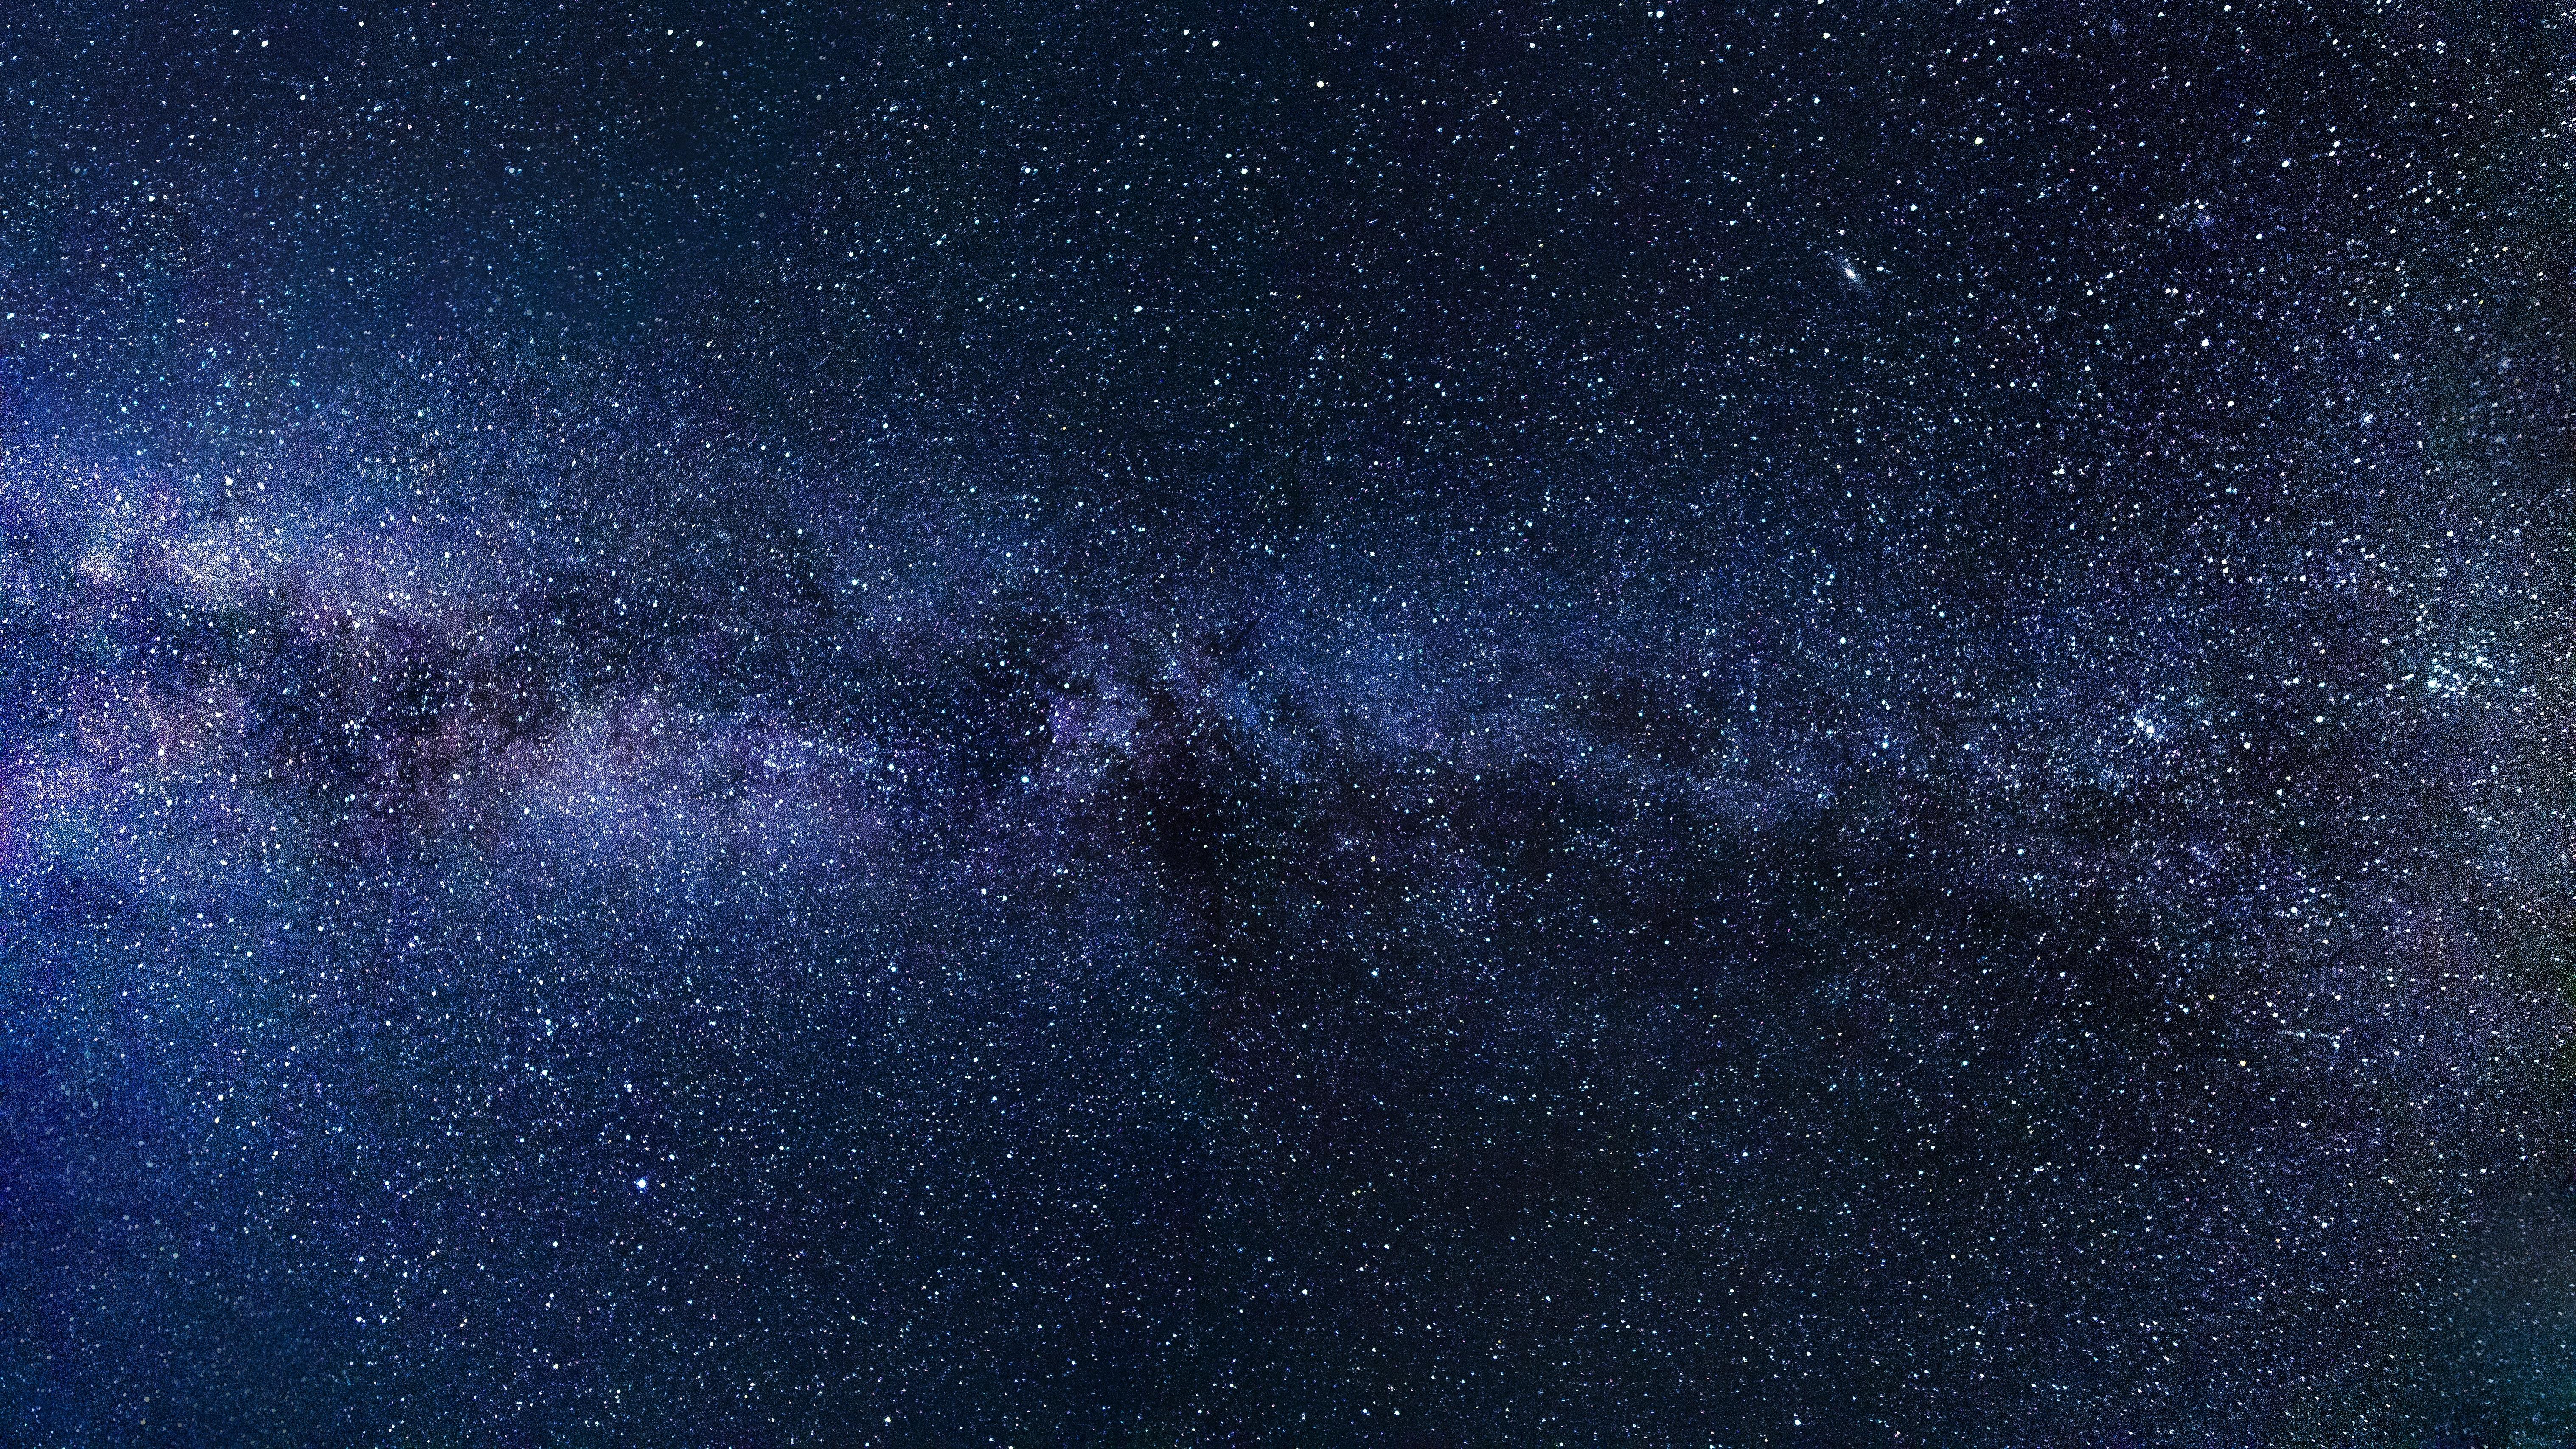 無料画像 占星術 天文学 背景イメージ ダーク イブニング Hdの